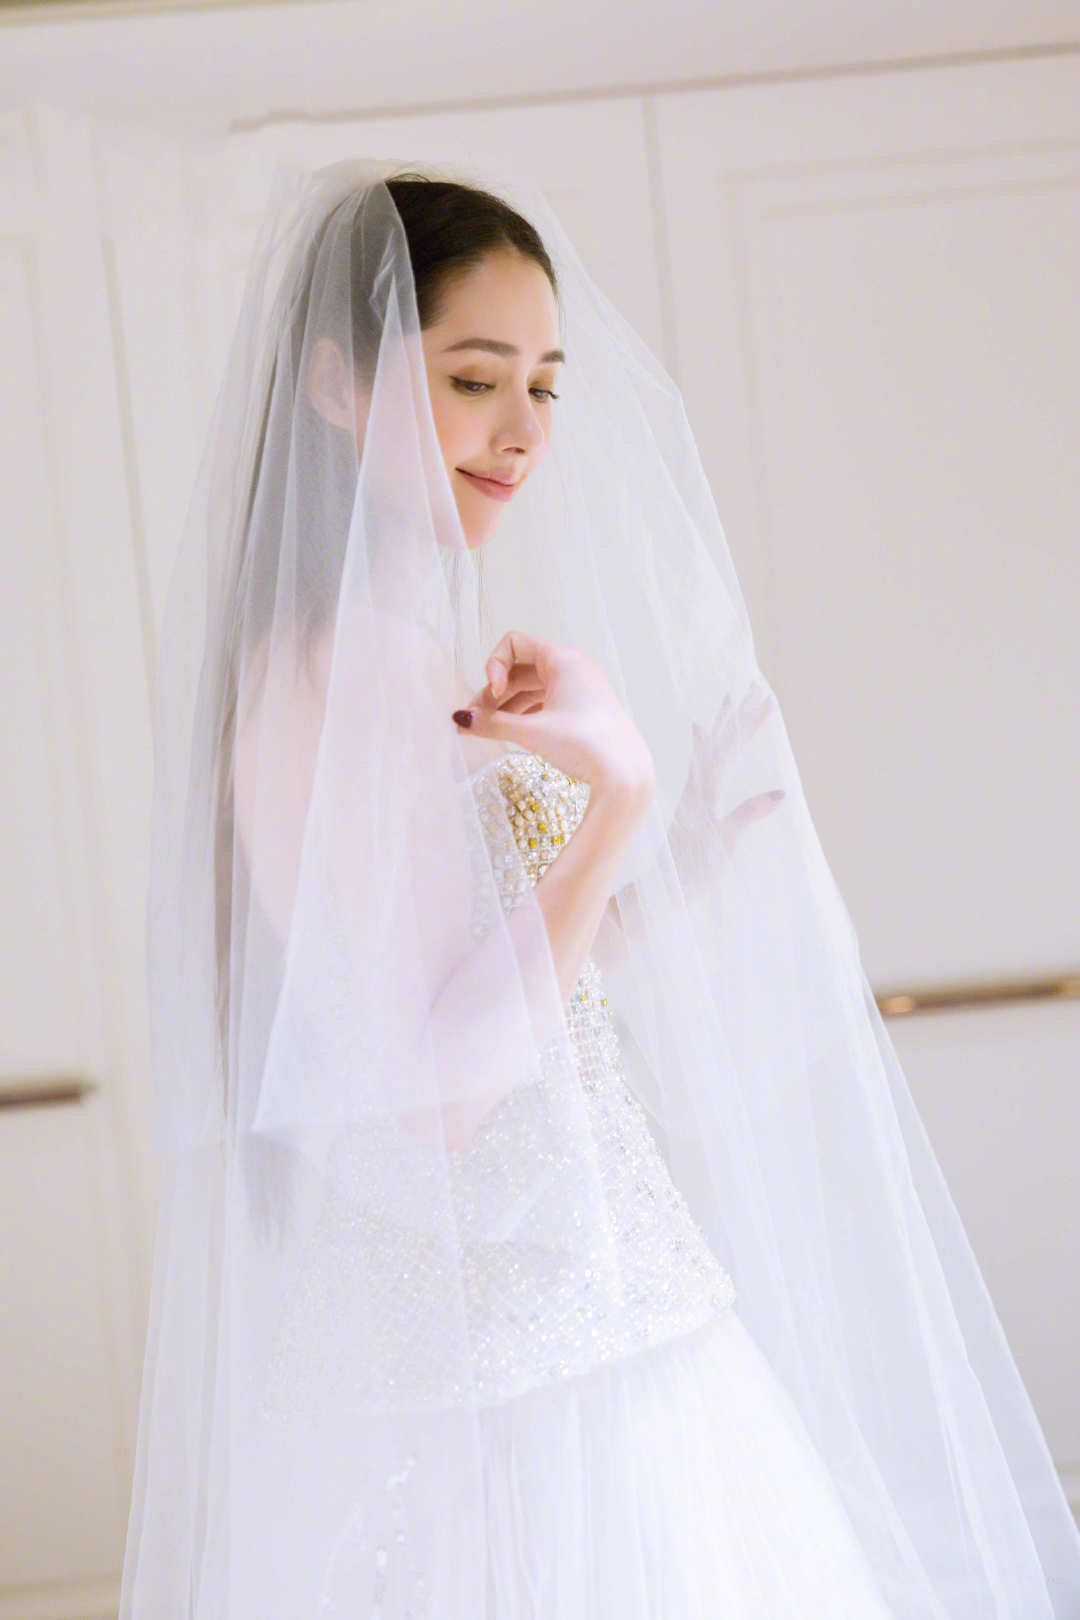 郭碧婷婚紗照曝光 靦腆微笑滿臉幸福